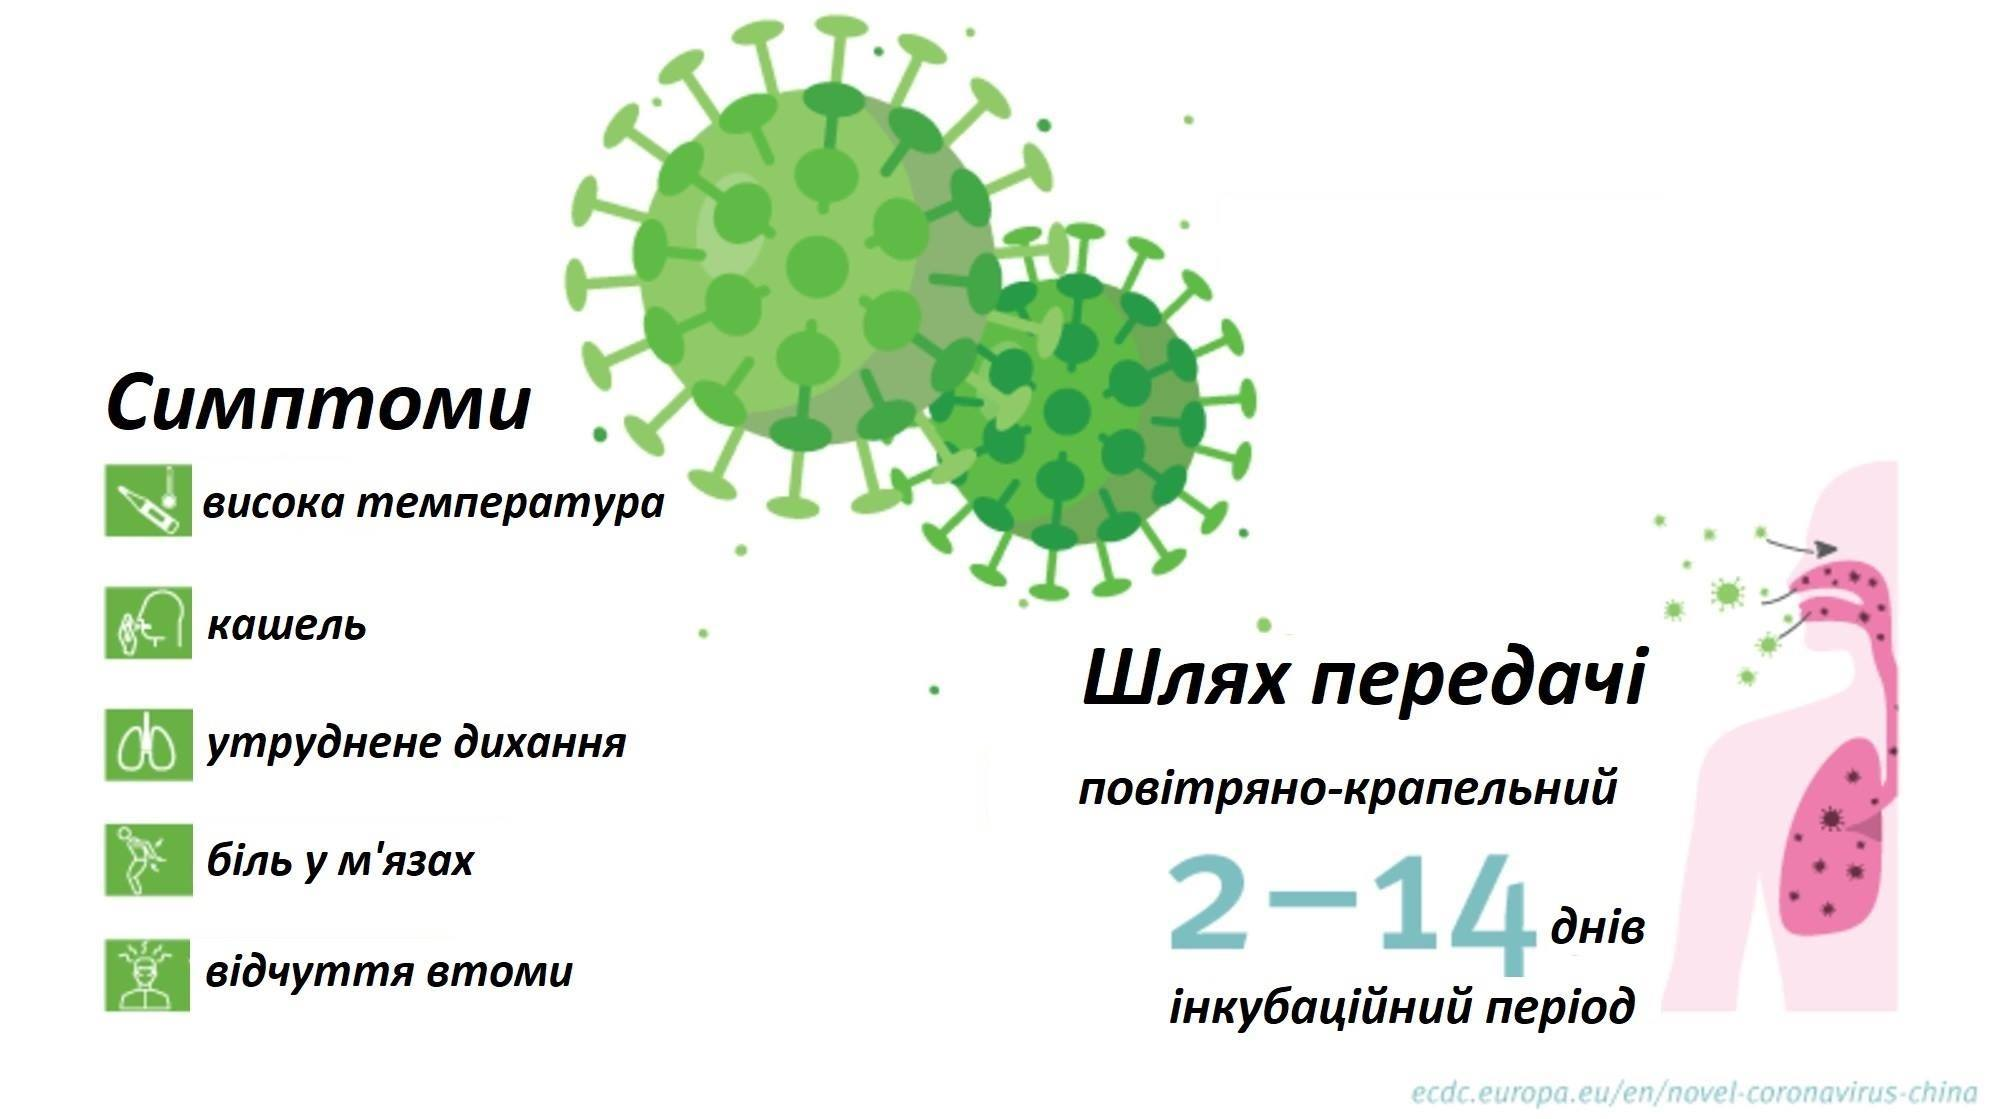 Все про коронавірус: шляхи передачі, симптоми, лікування ...